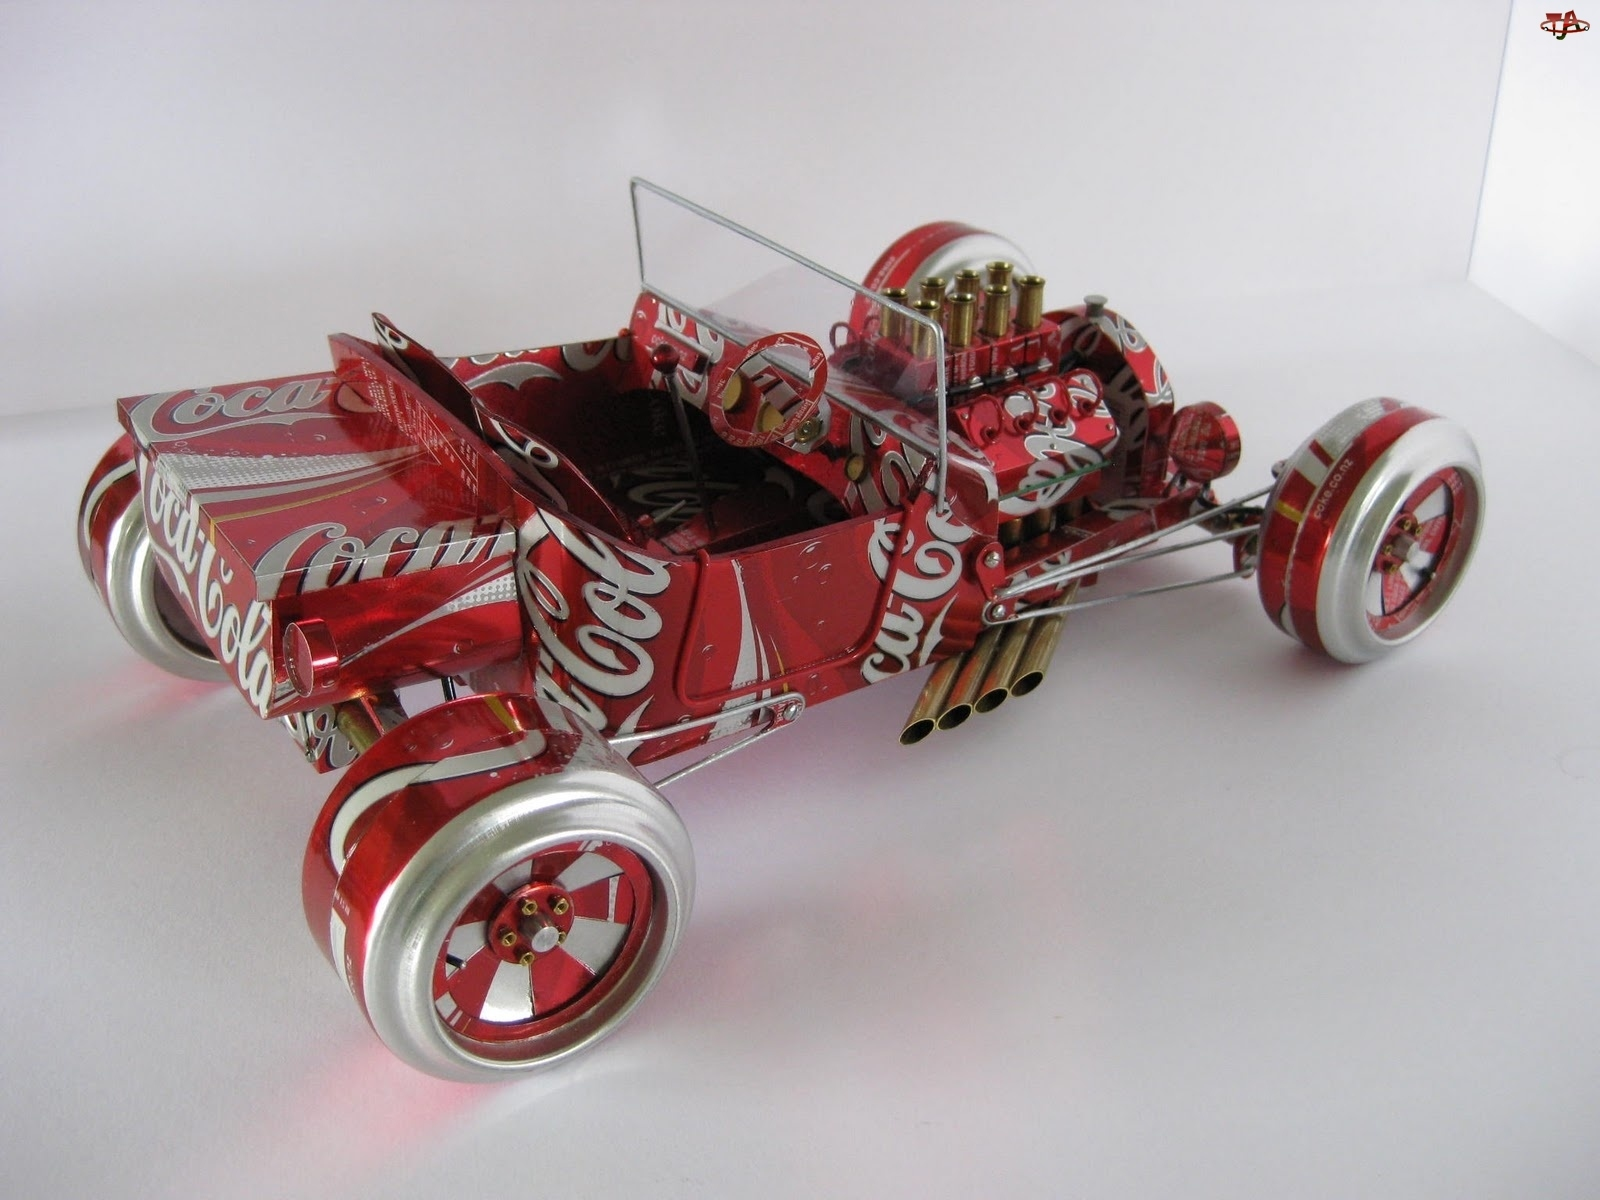 Puszki, Coca-Cola, HotRod